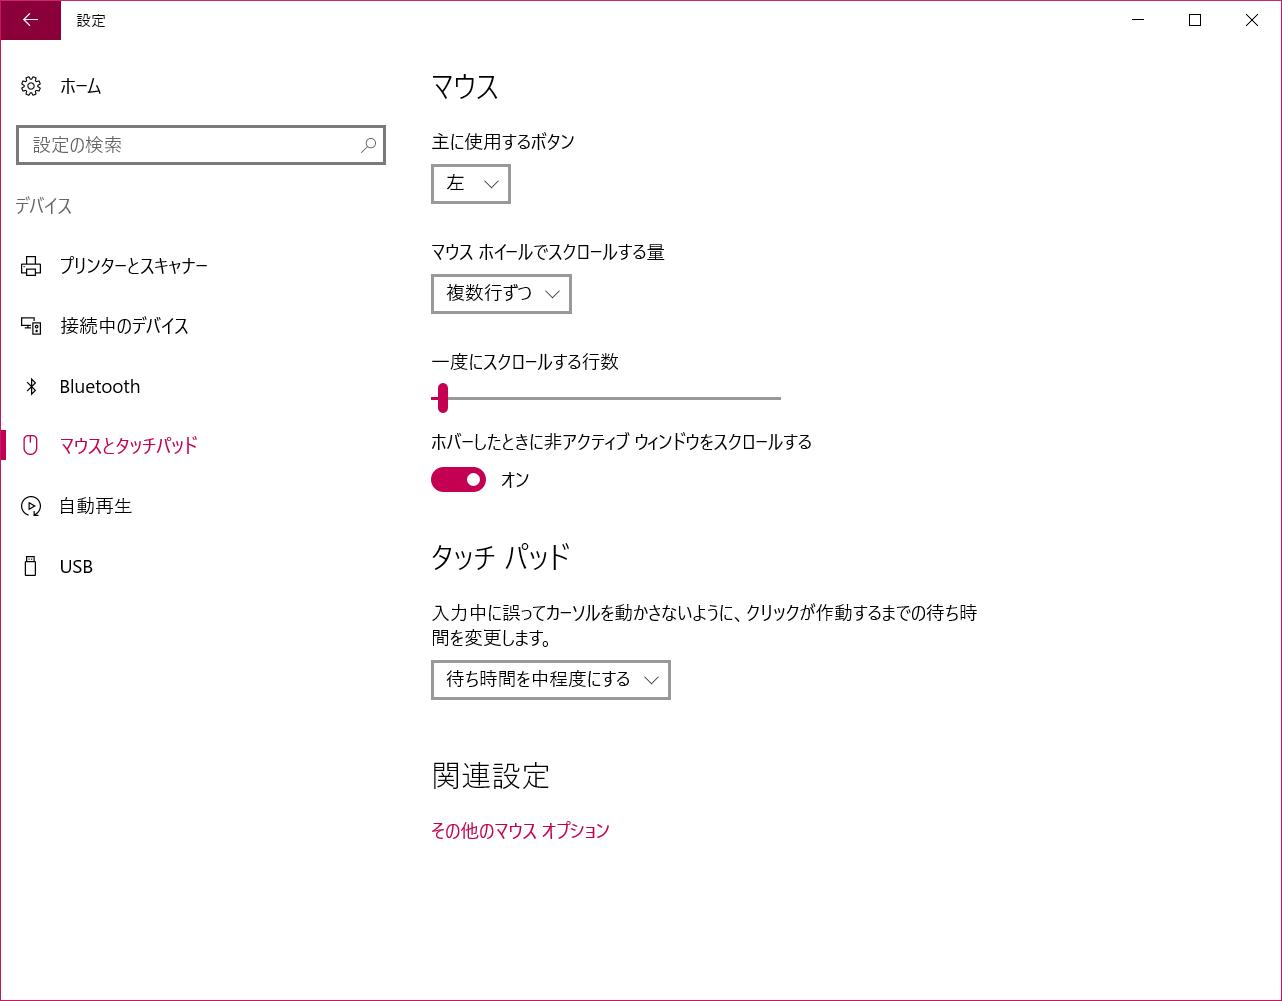 Windows 10の高精度タッチパッドに対応していないので、OS標準のジェスチャーは利用できない